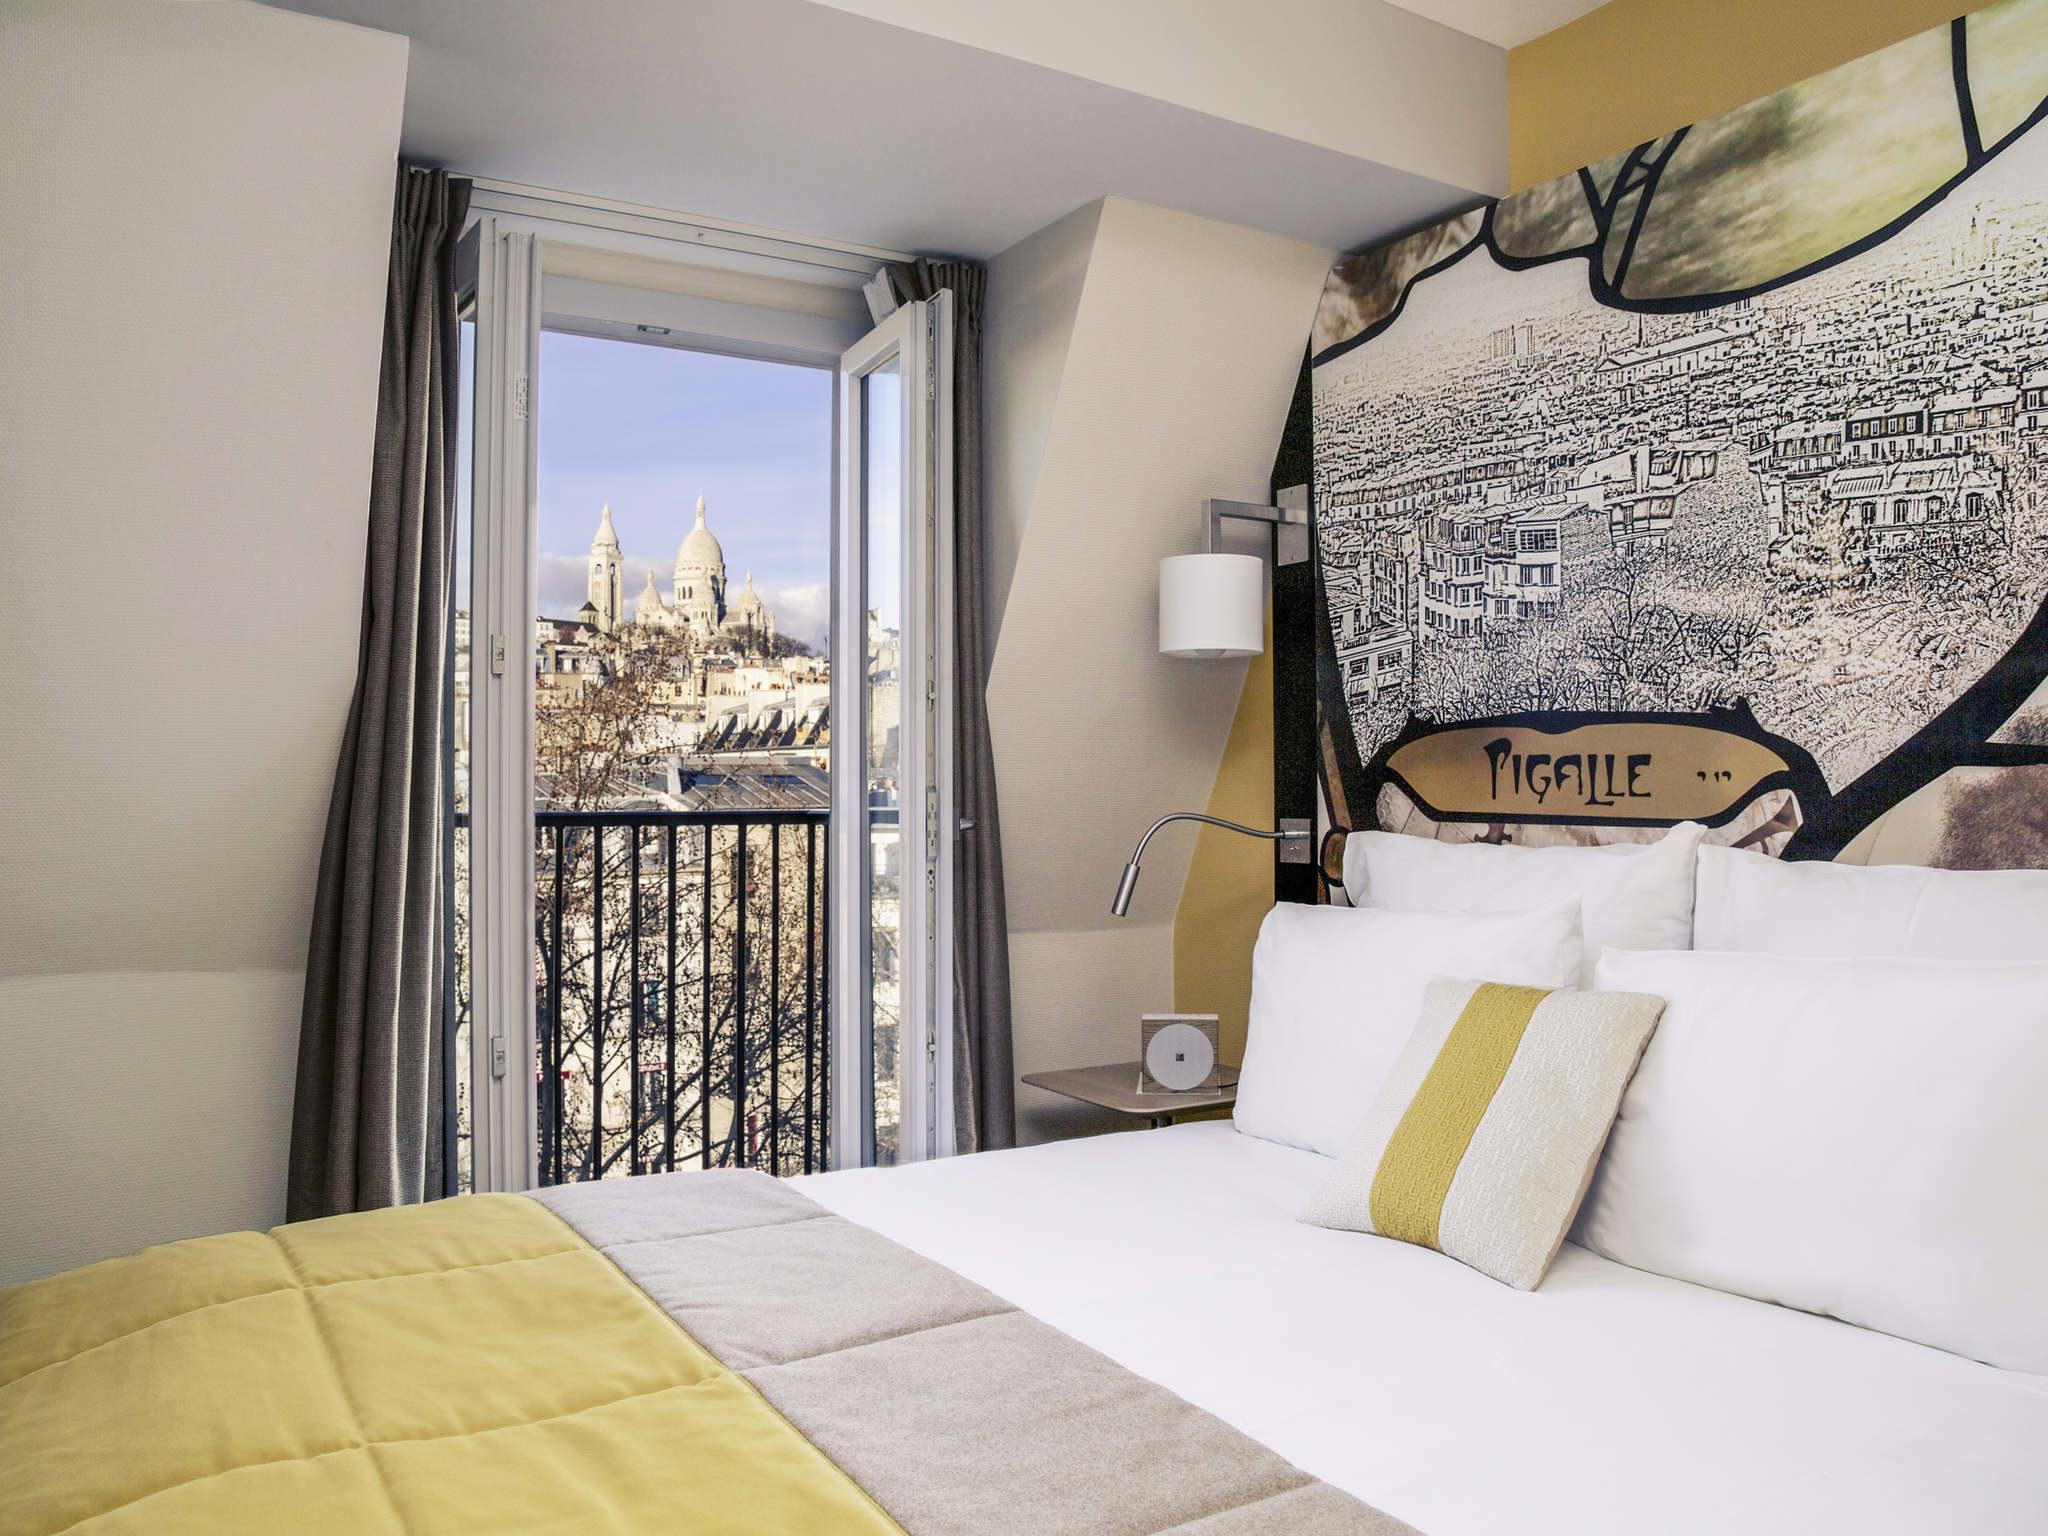 Hotel - Hotel Mercure Paris 9 Pigalle Sacre-Coeur